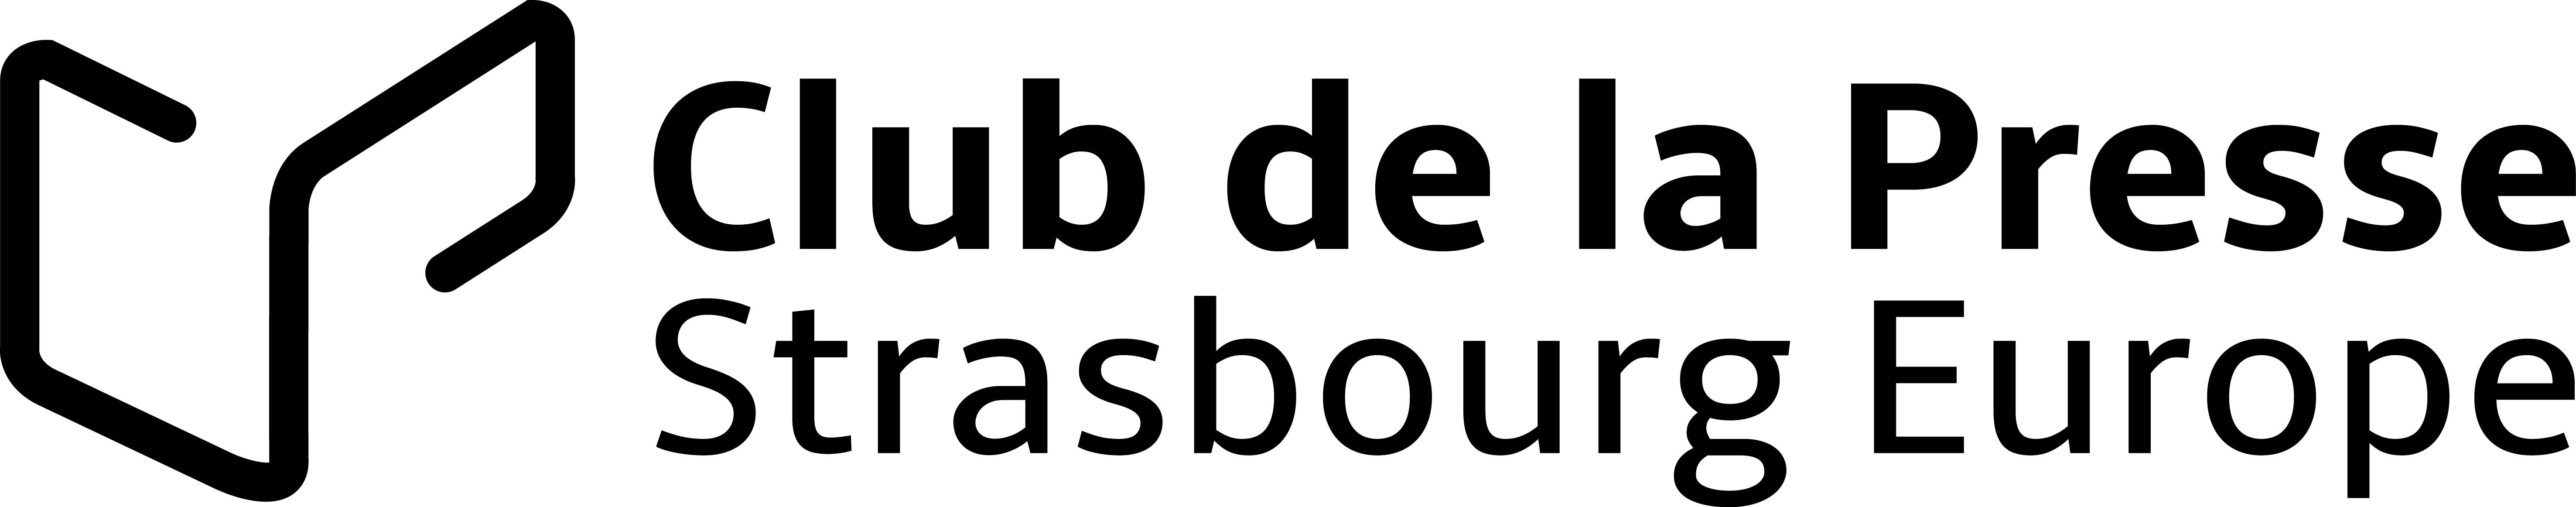 -logo_cdlp